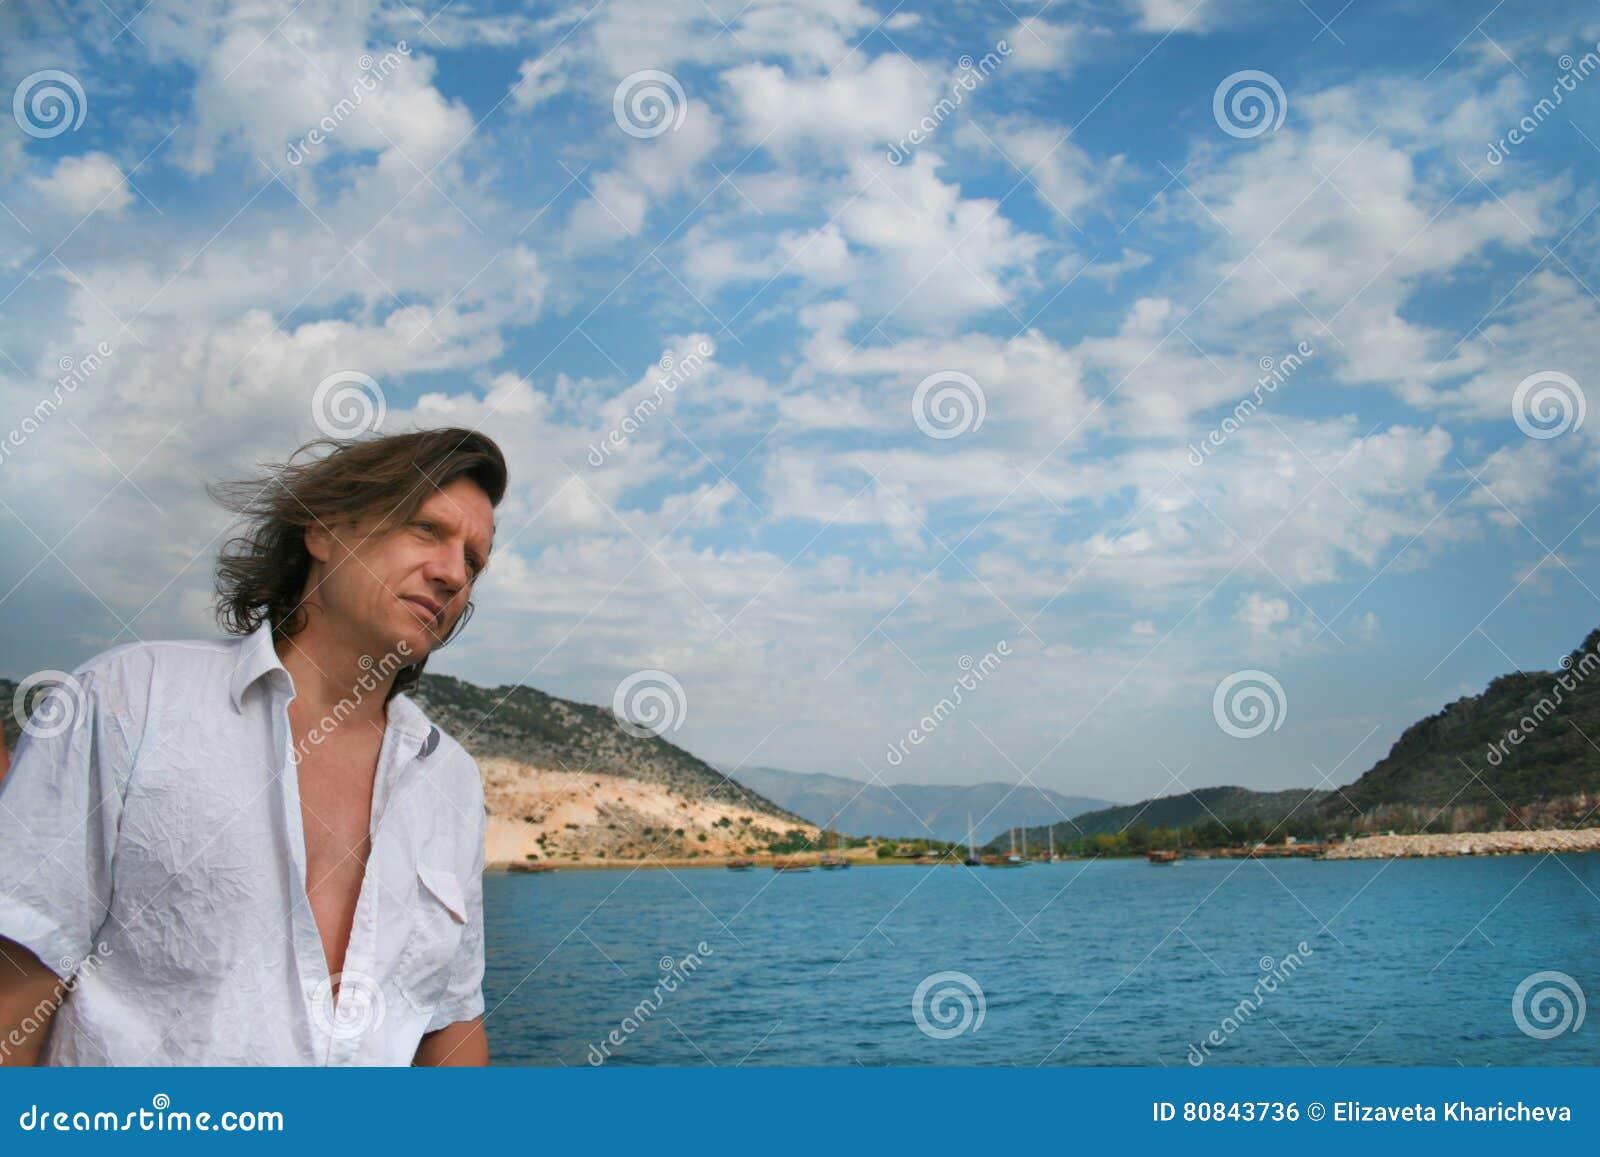 Ένα άτομο με μακρυμάλλη σε ένα υπόβαθρο της θάλασσας